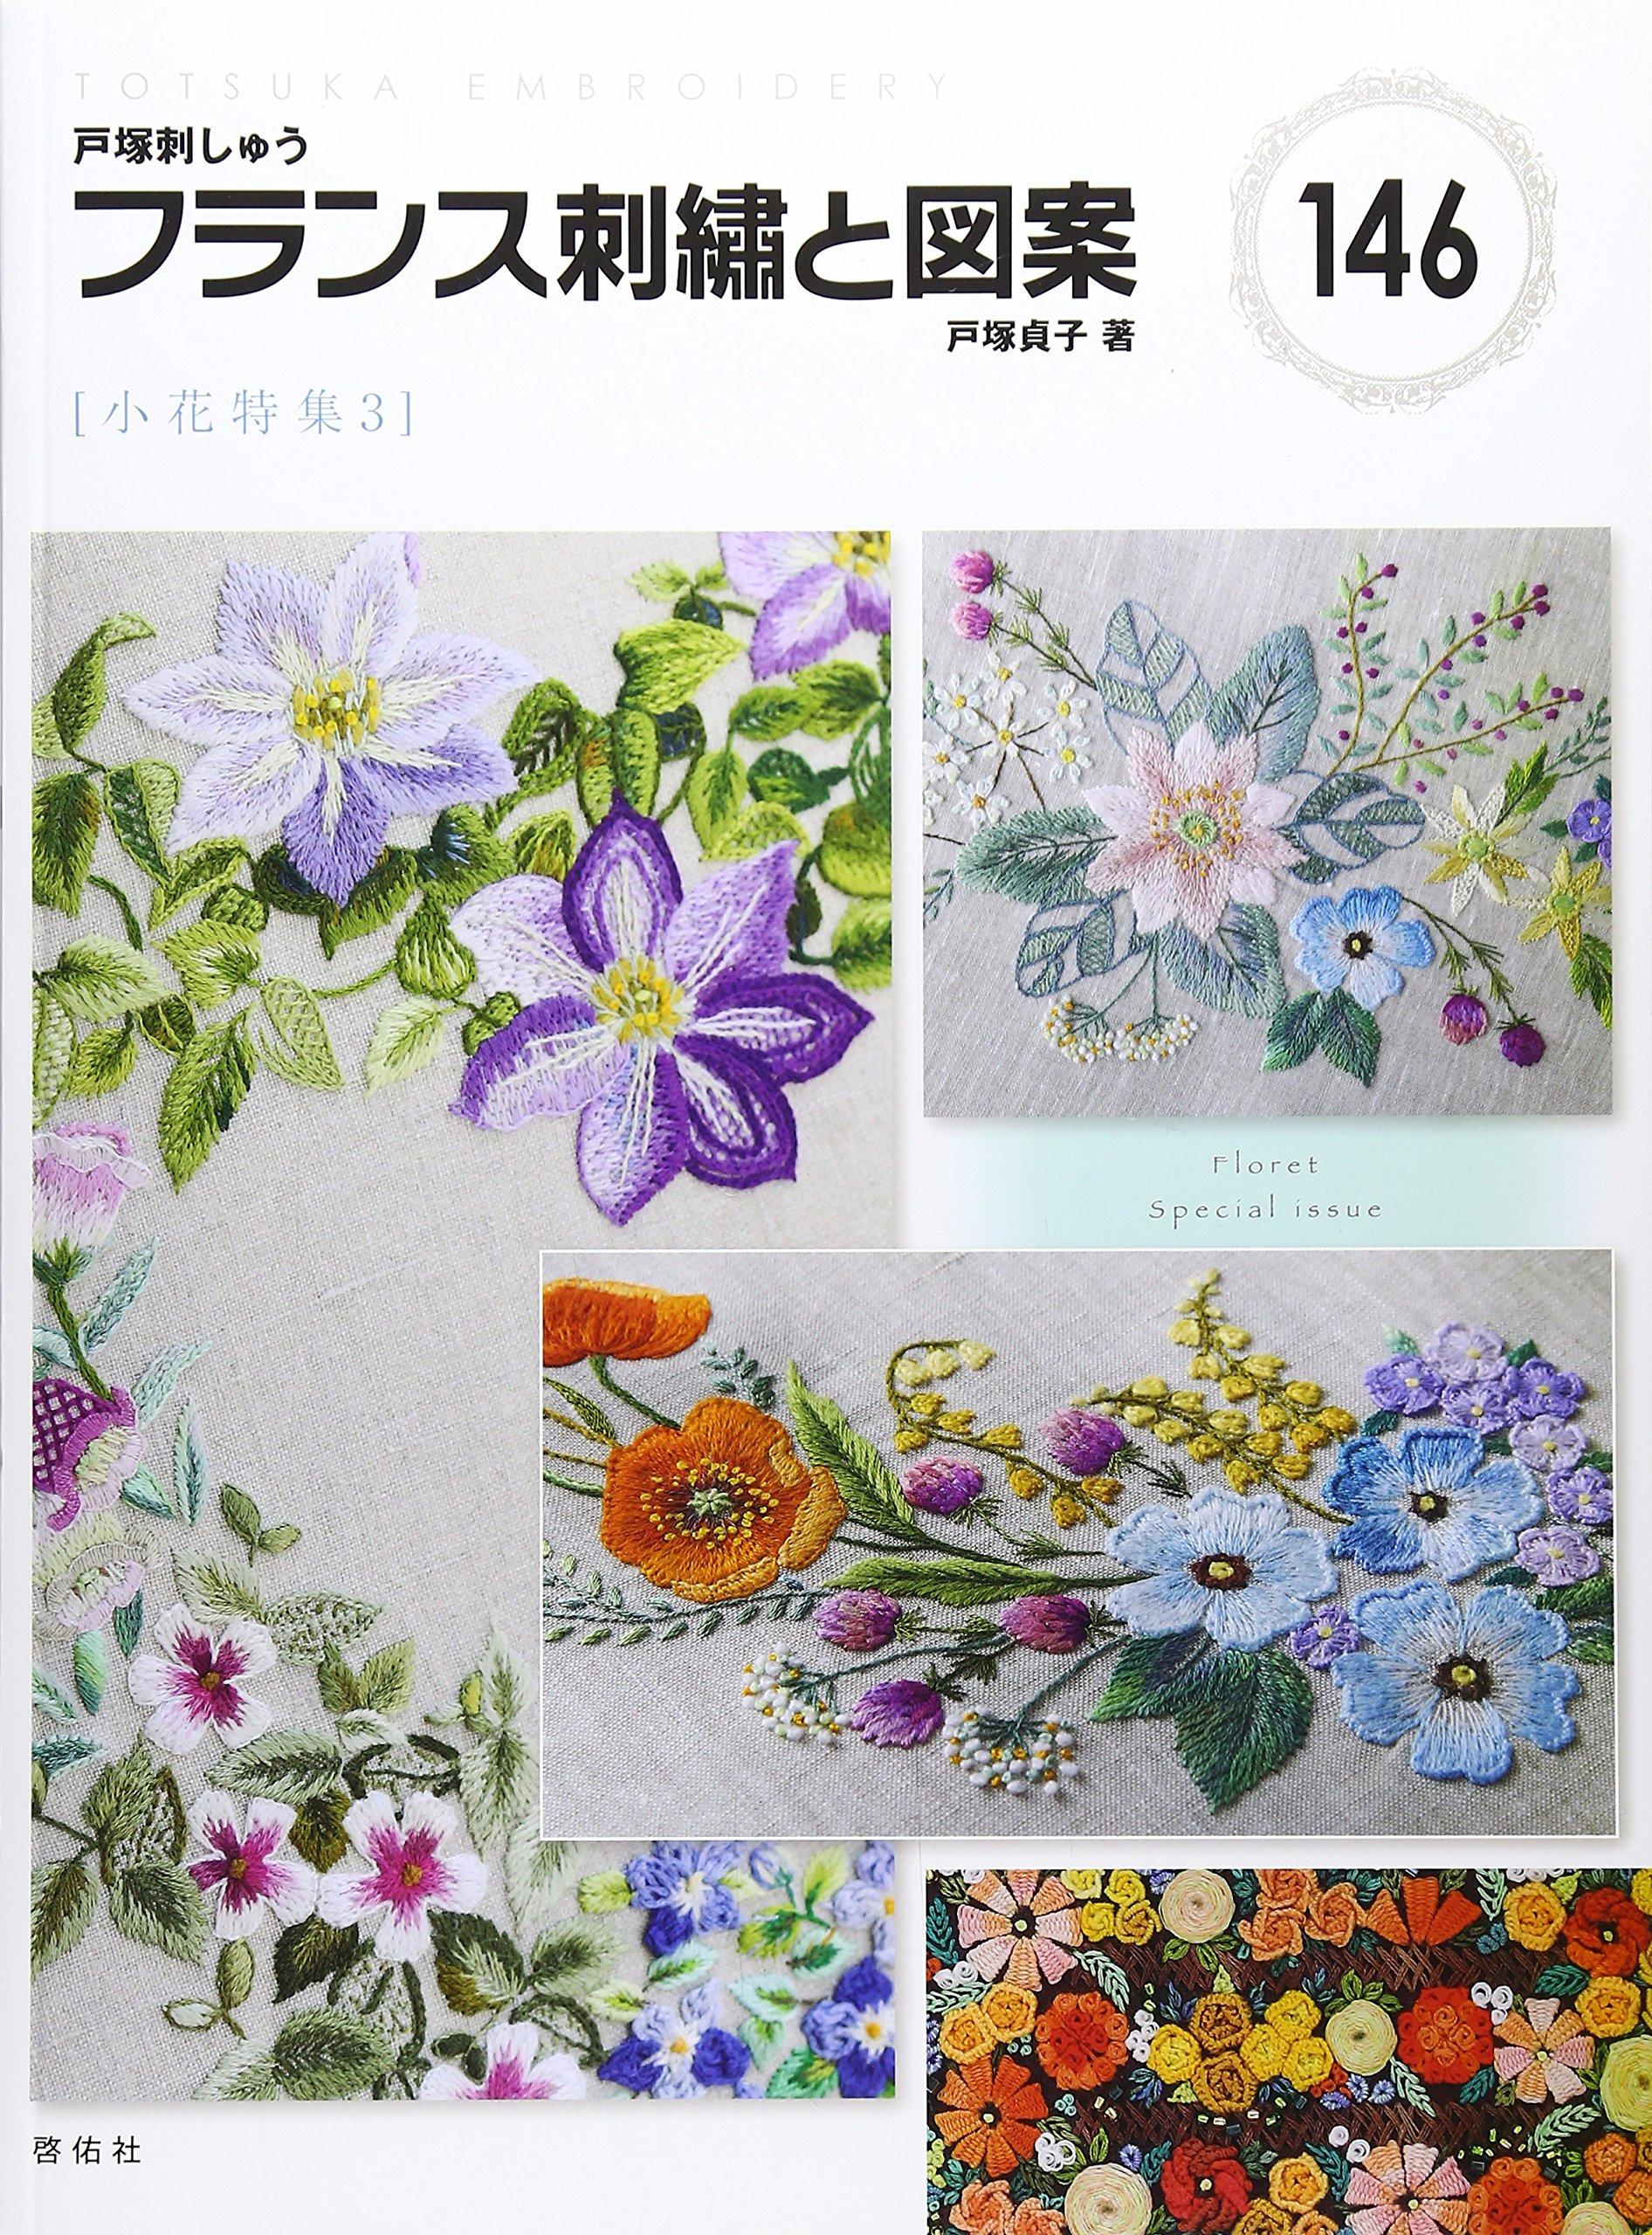 図案 刺繍 花 刺繍の図案の作り方。写真からオリジナル図案を作ってみよう!